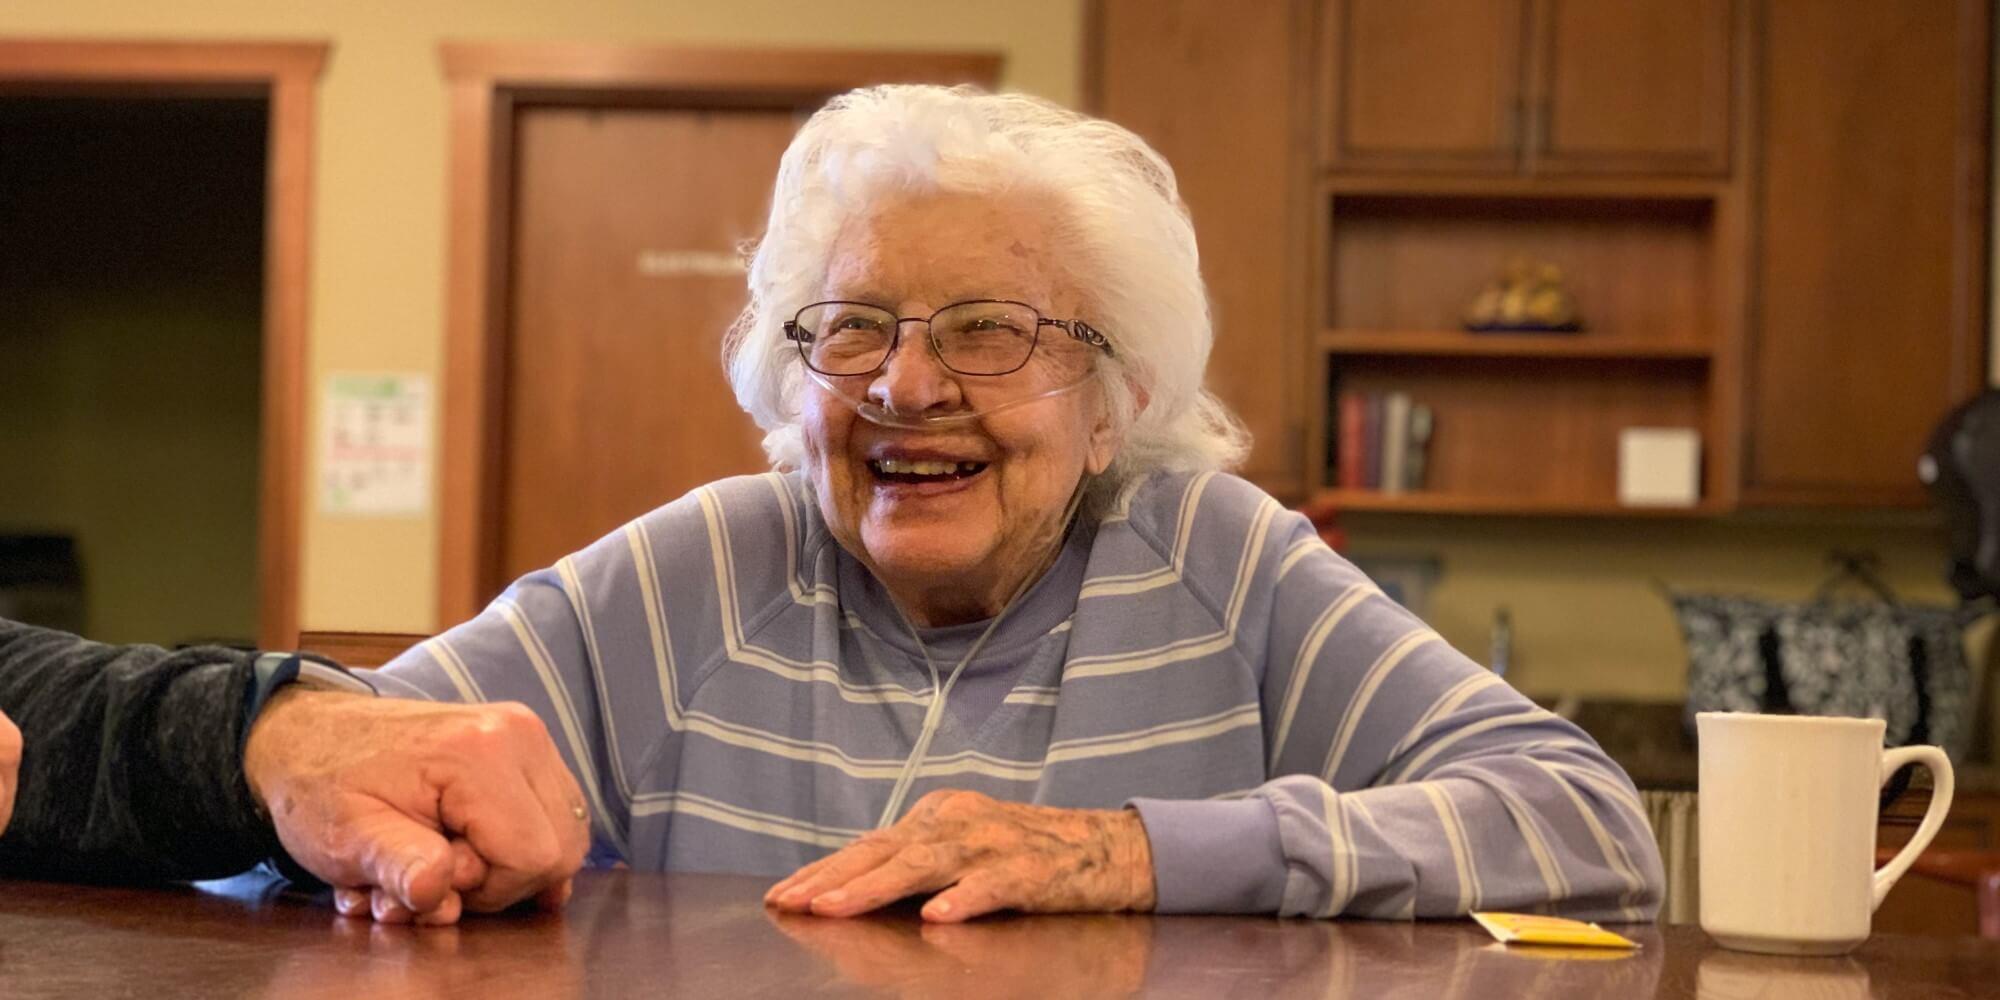 laughing senior resident